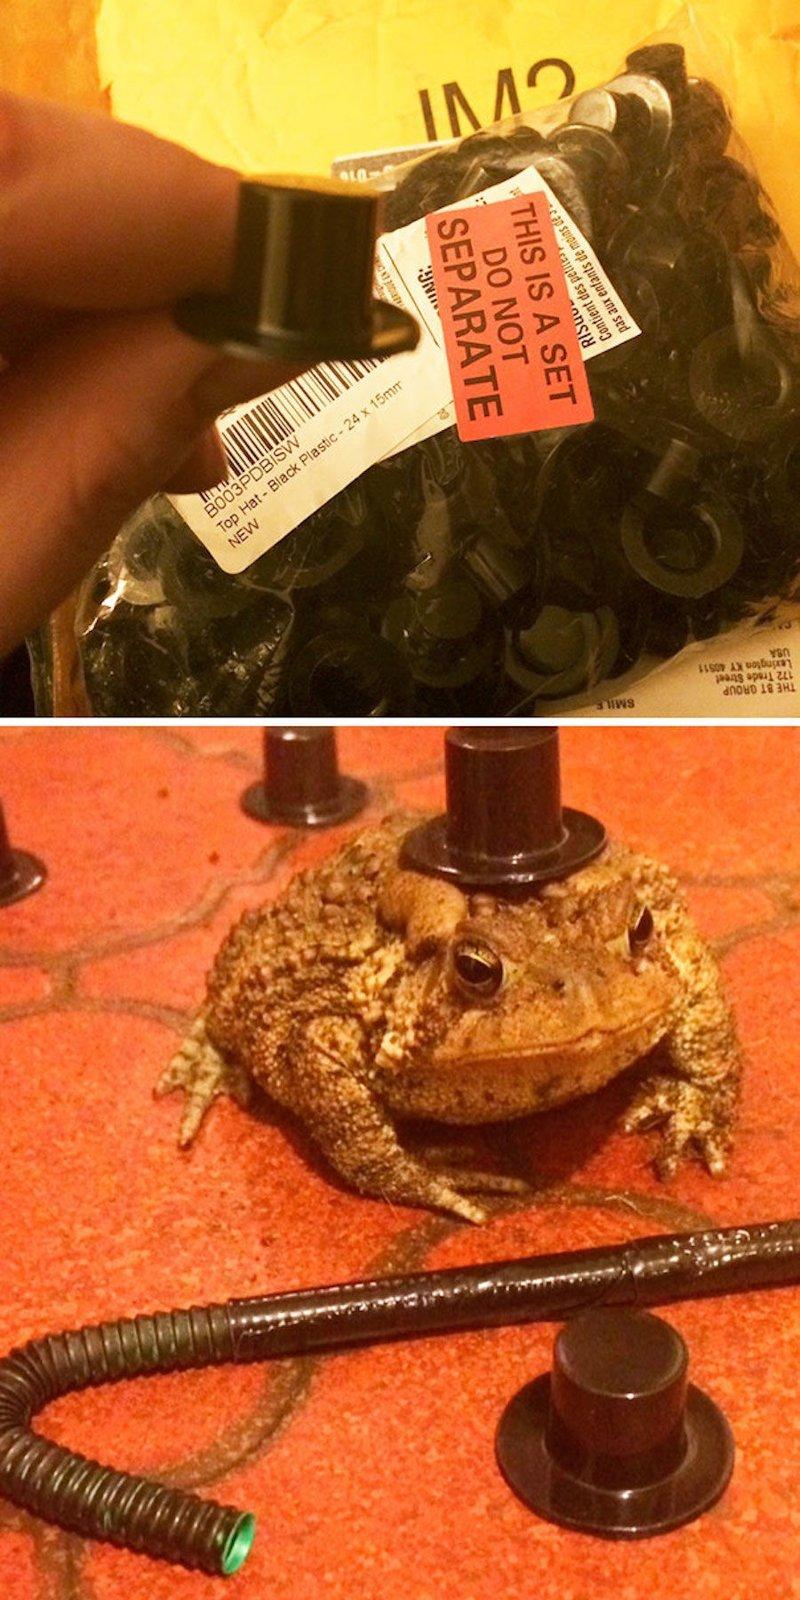 7. Будучи нетрезвой купила для домашней жабы сто мини-цилиндров. Что-то подсказывает, что земноводное это совершенно не оценило. алкоголь в крови, приключения, смех, спиртное, стыдно, юмор